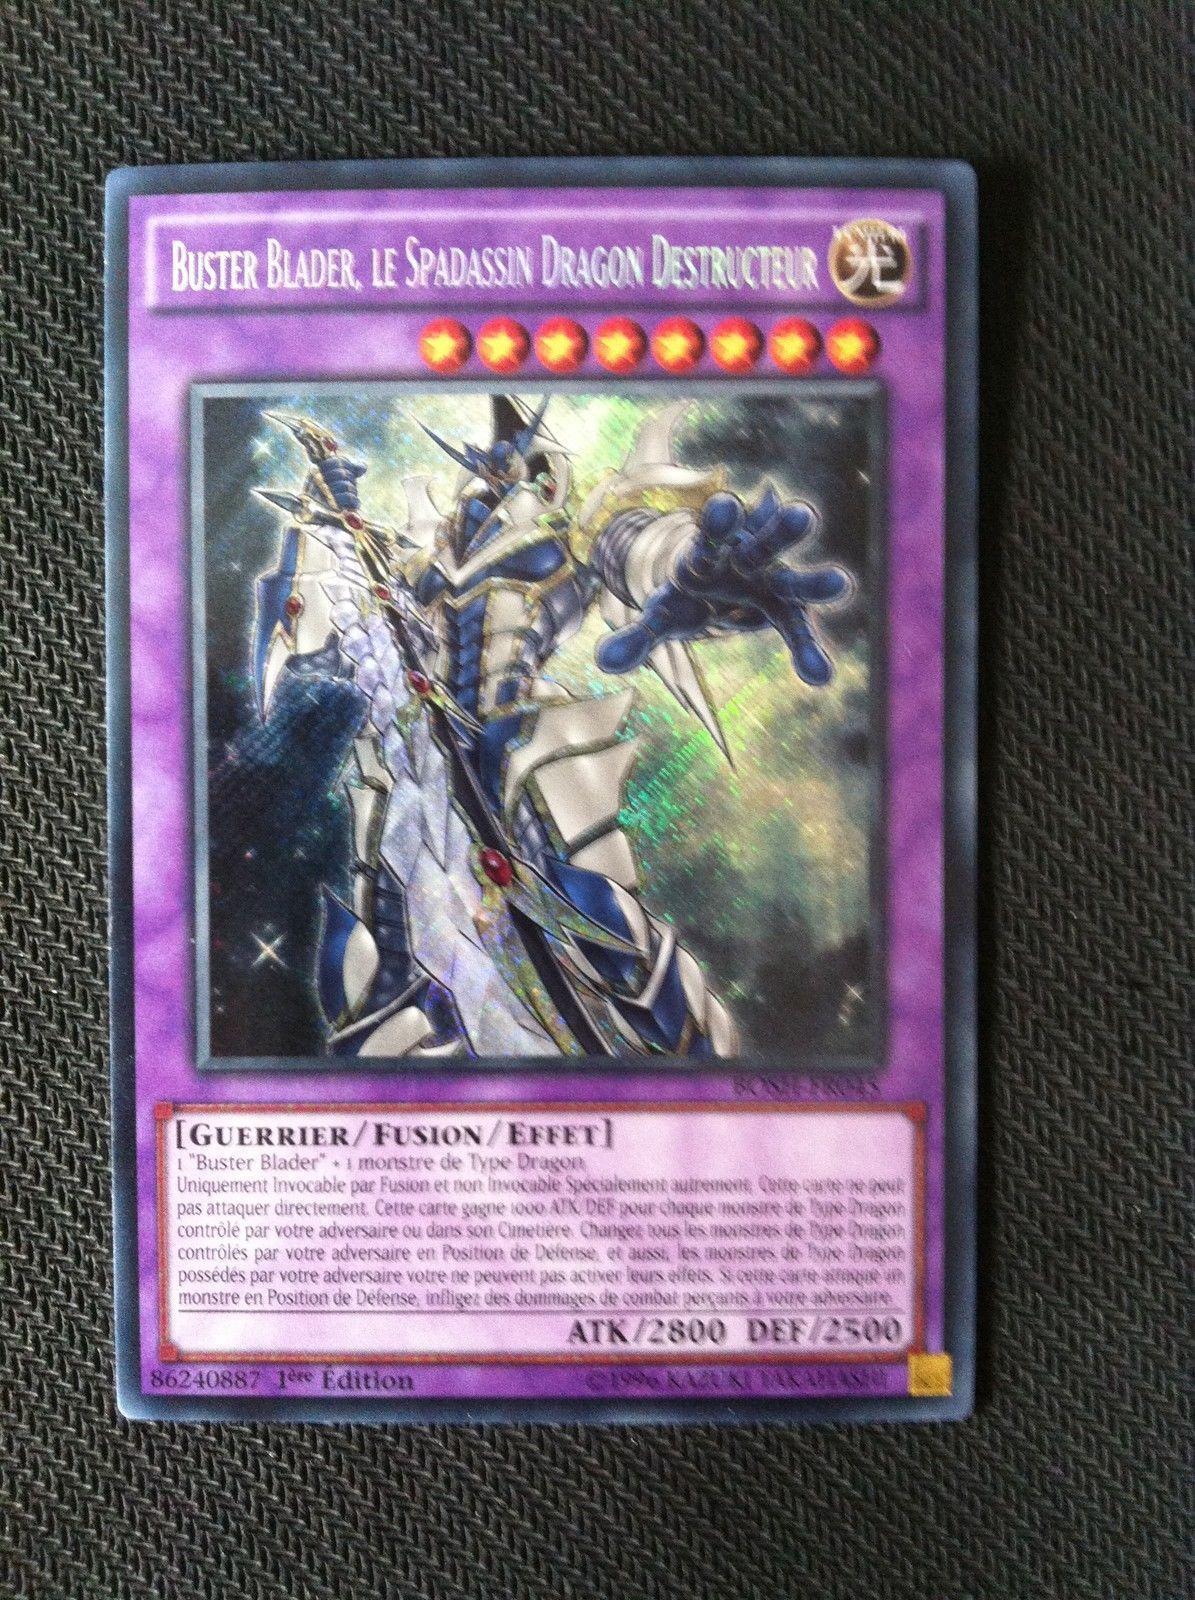 Buster Blader le Spadassin Dragon Destructeur Yu-Gi-Oh R MAGO-FR101 Neuf